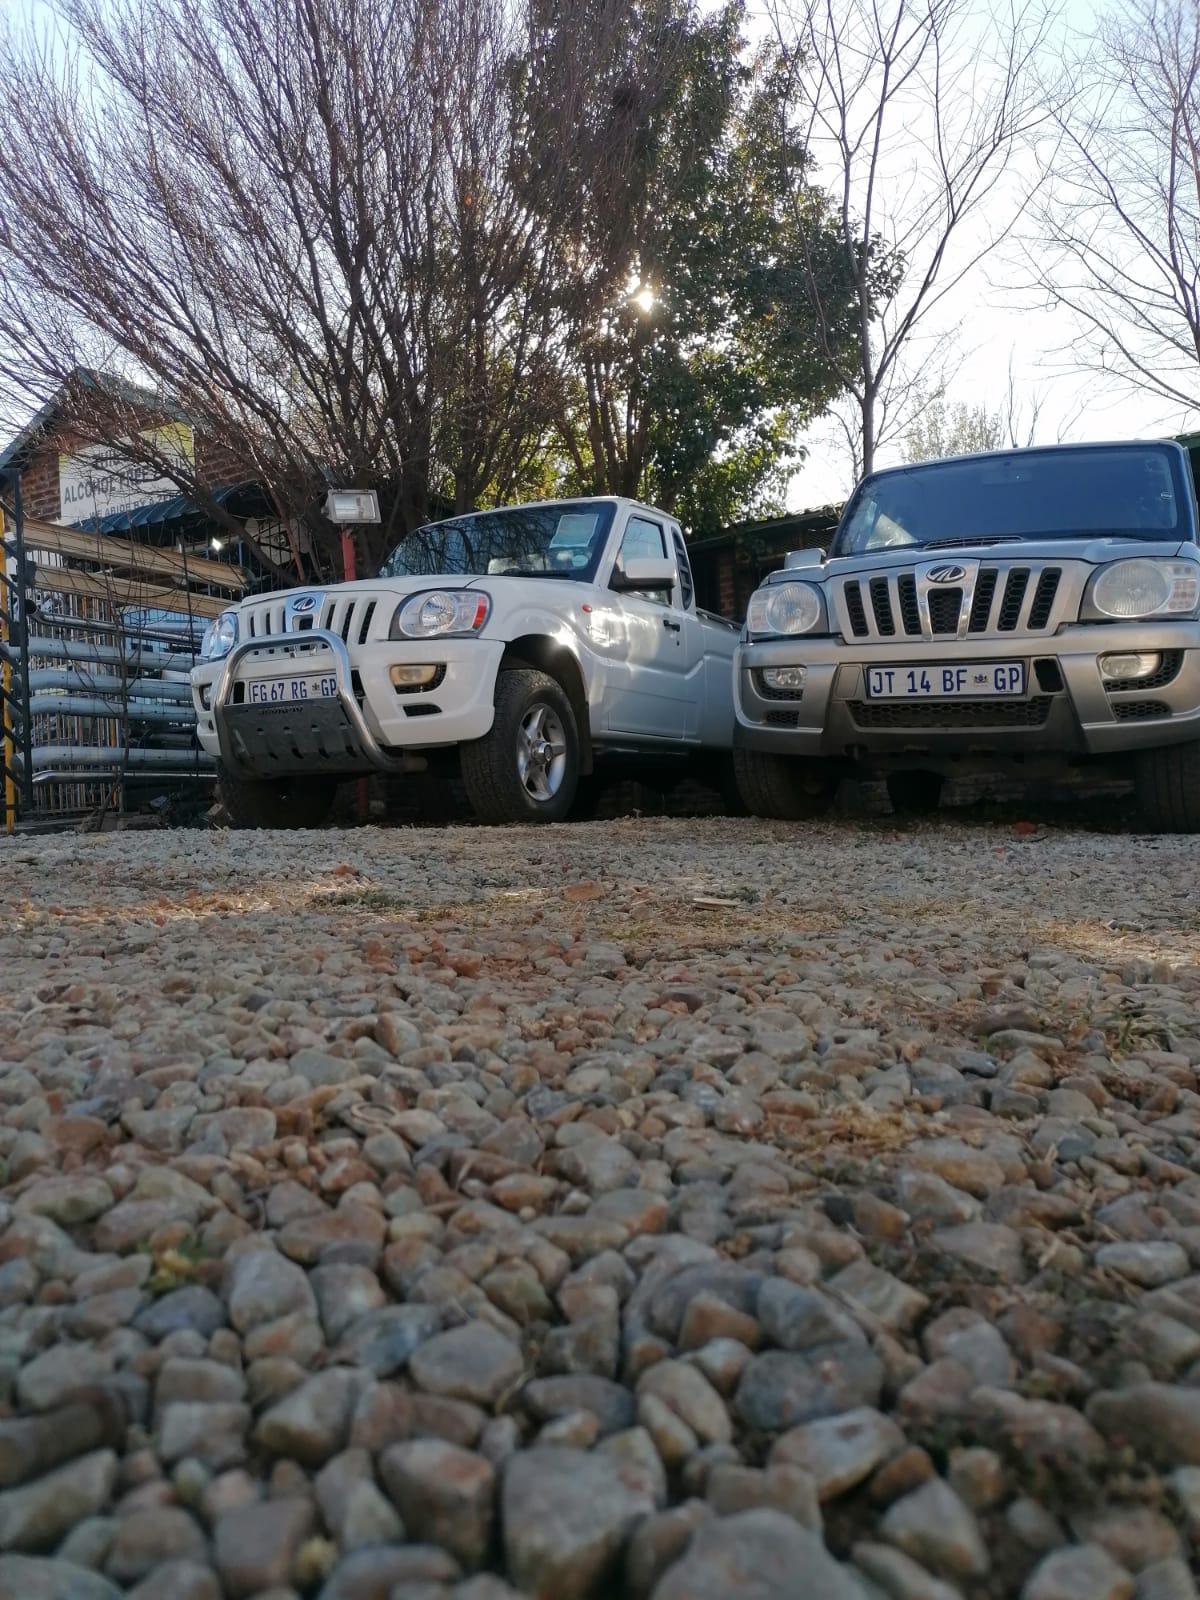 MAHINDRA SCORPIO 2.2 2X4GEARBOX BAKKIE & MAHINDRA SCORPIO SUV2.2 4X4 GEARBOX